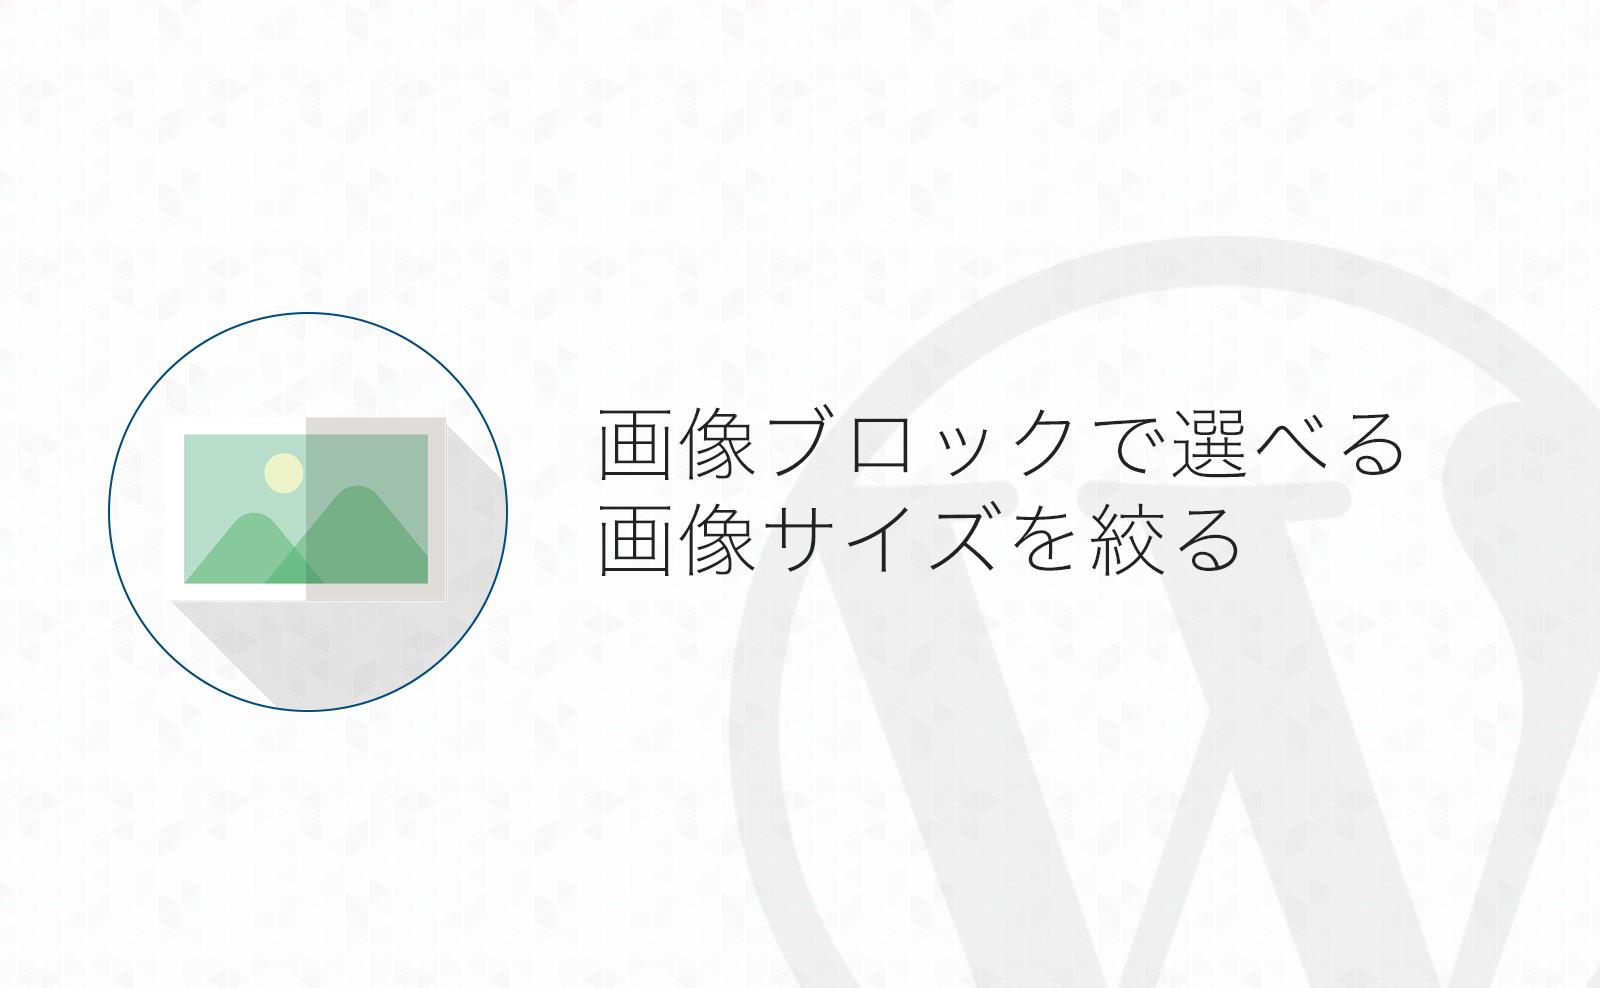 【WordPress】ブロックエディター(Gutenberg)の画像ブロックでフルサイズの画像のみ選択できるようにするカスタマイズ